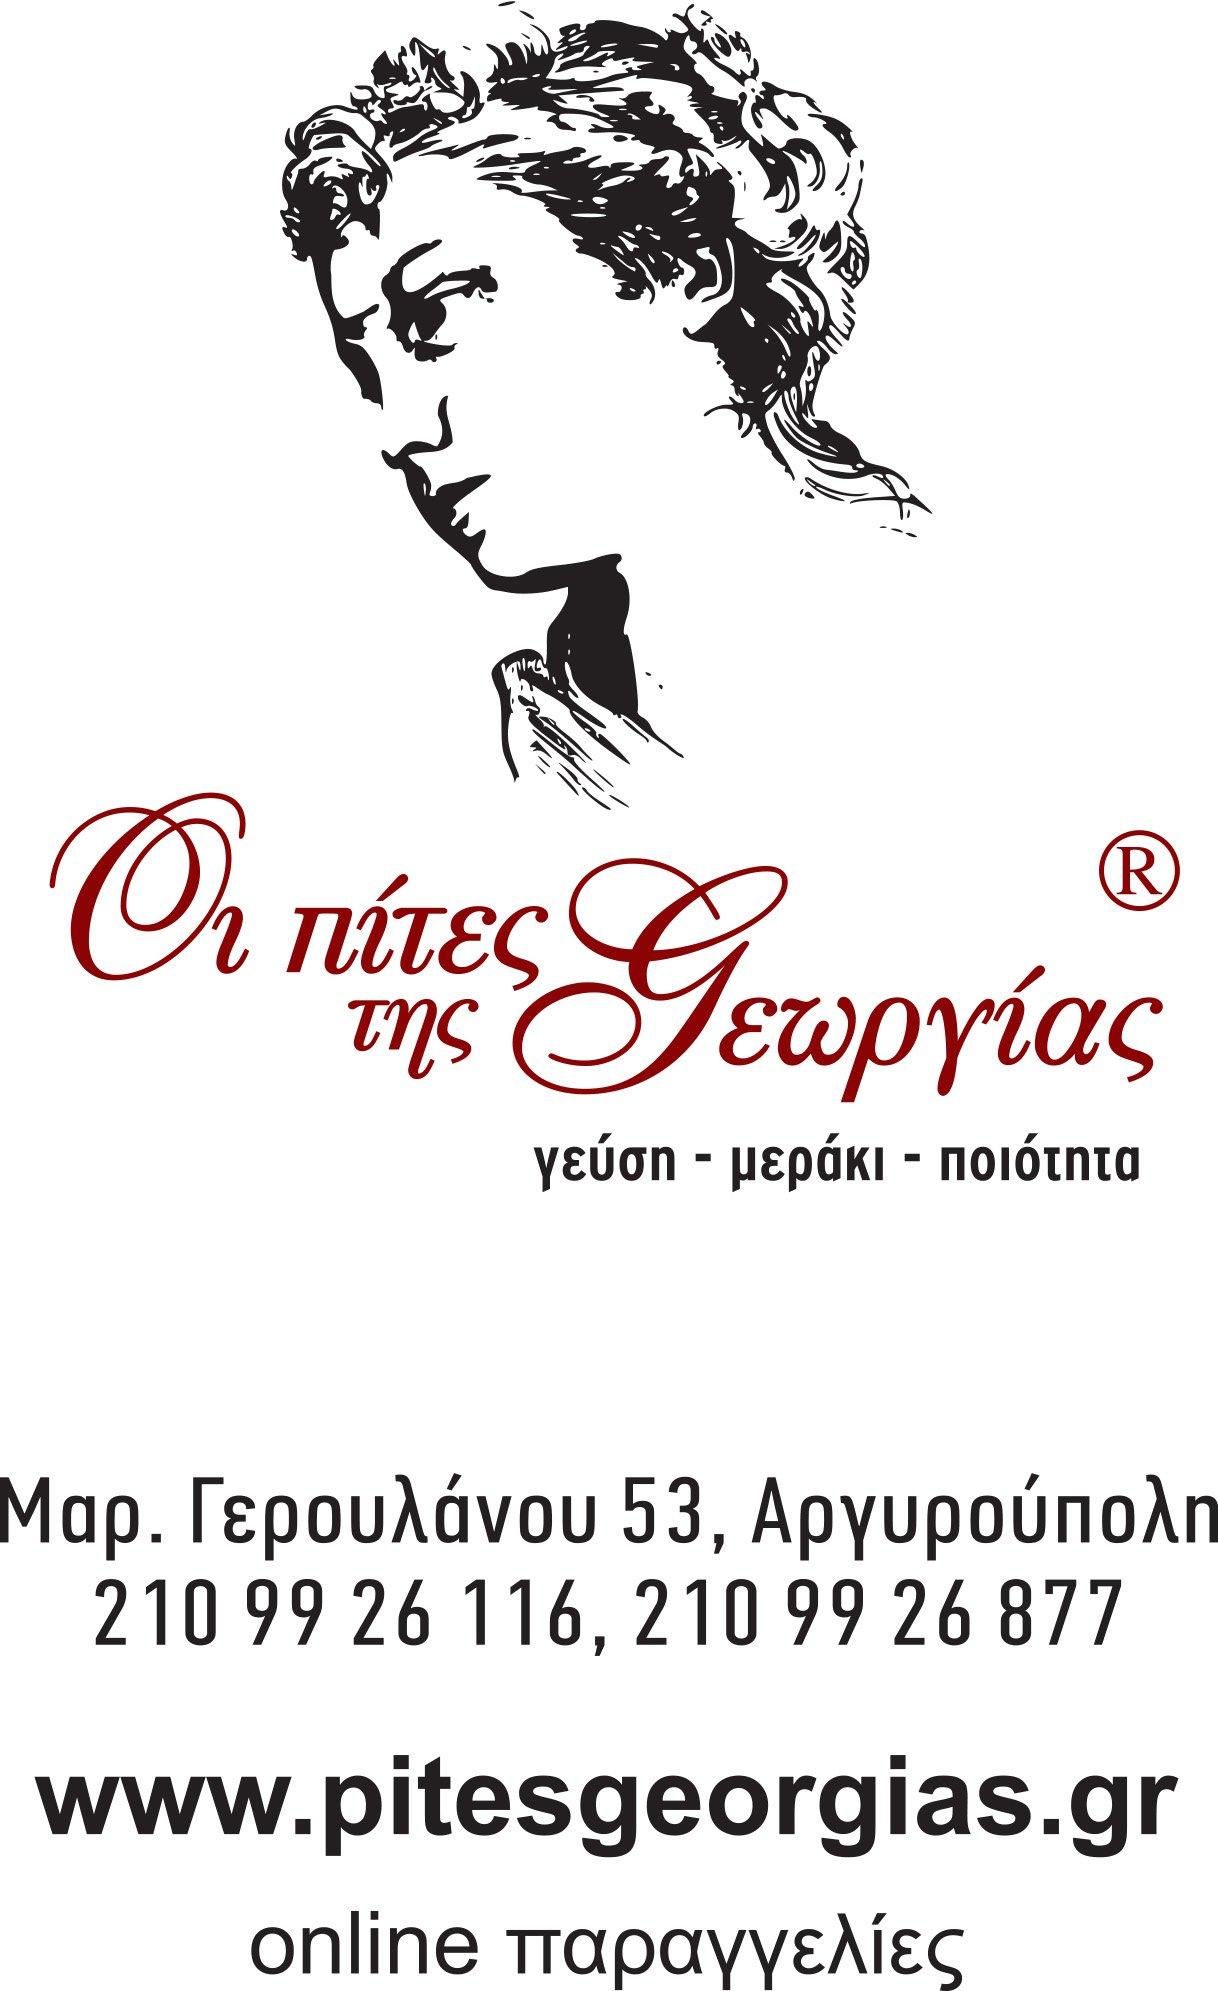 Οι πίτες της Γεωργίας